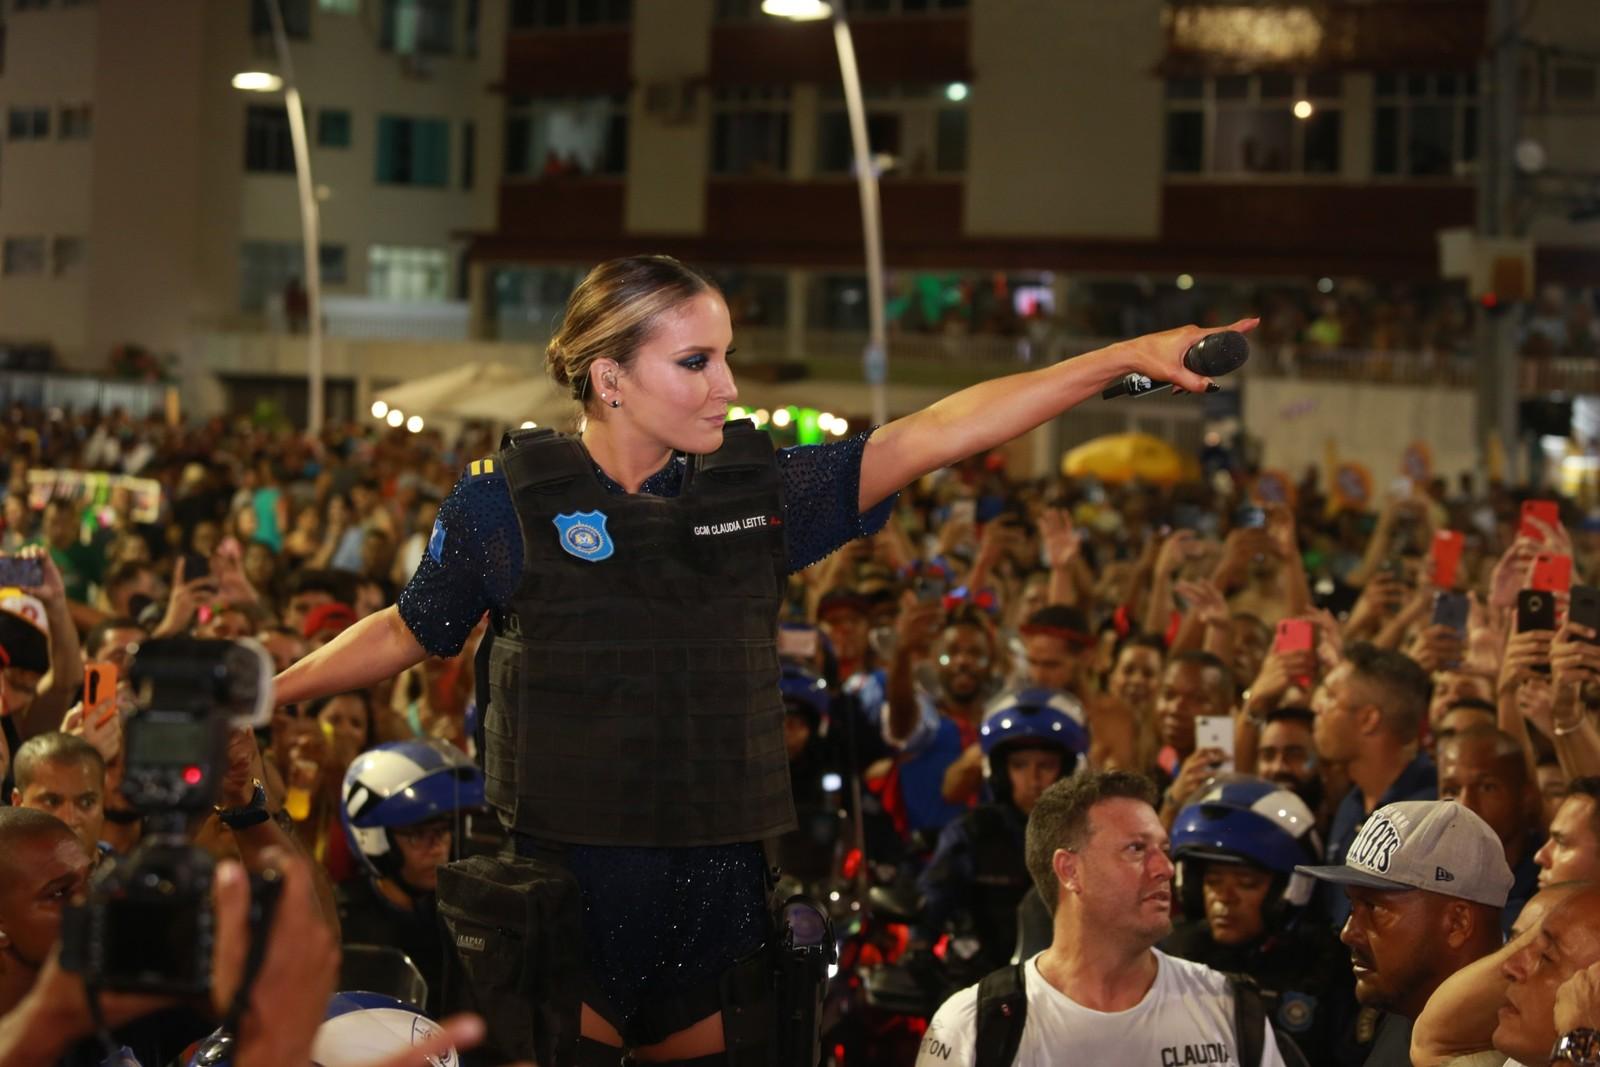 Primeiro dia de carnaval de Salvador 2020 - circuito Barra/Ondina — Foto: Mauro Zaniboni /Ag Haack